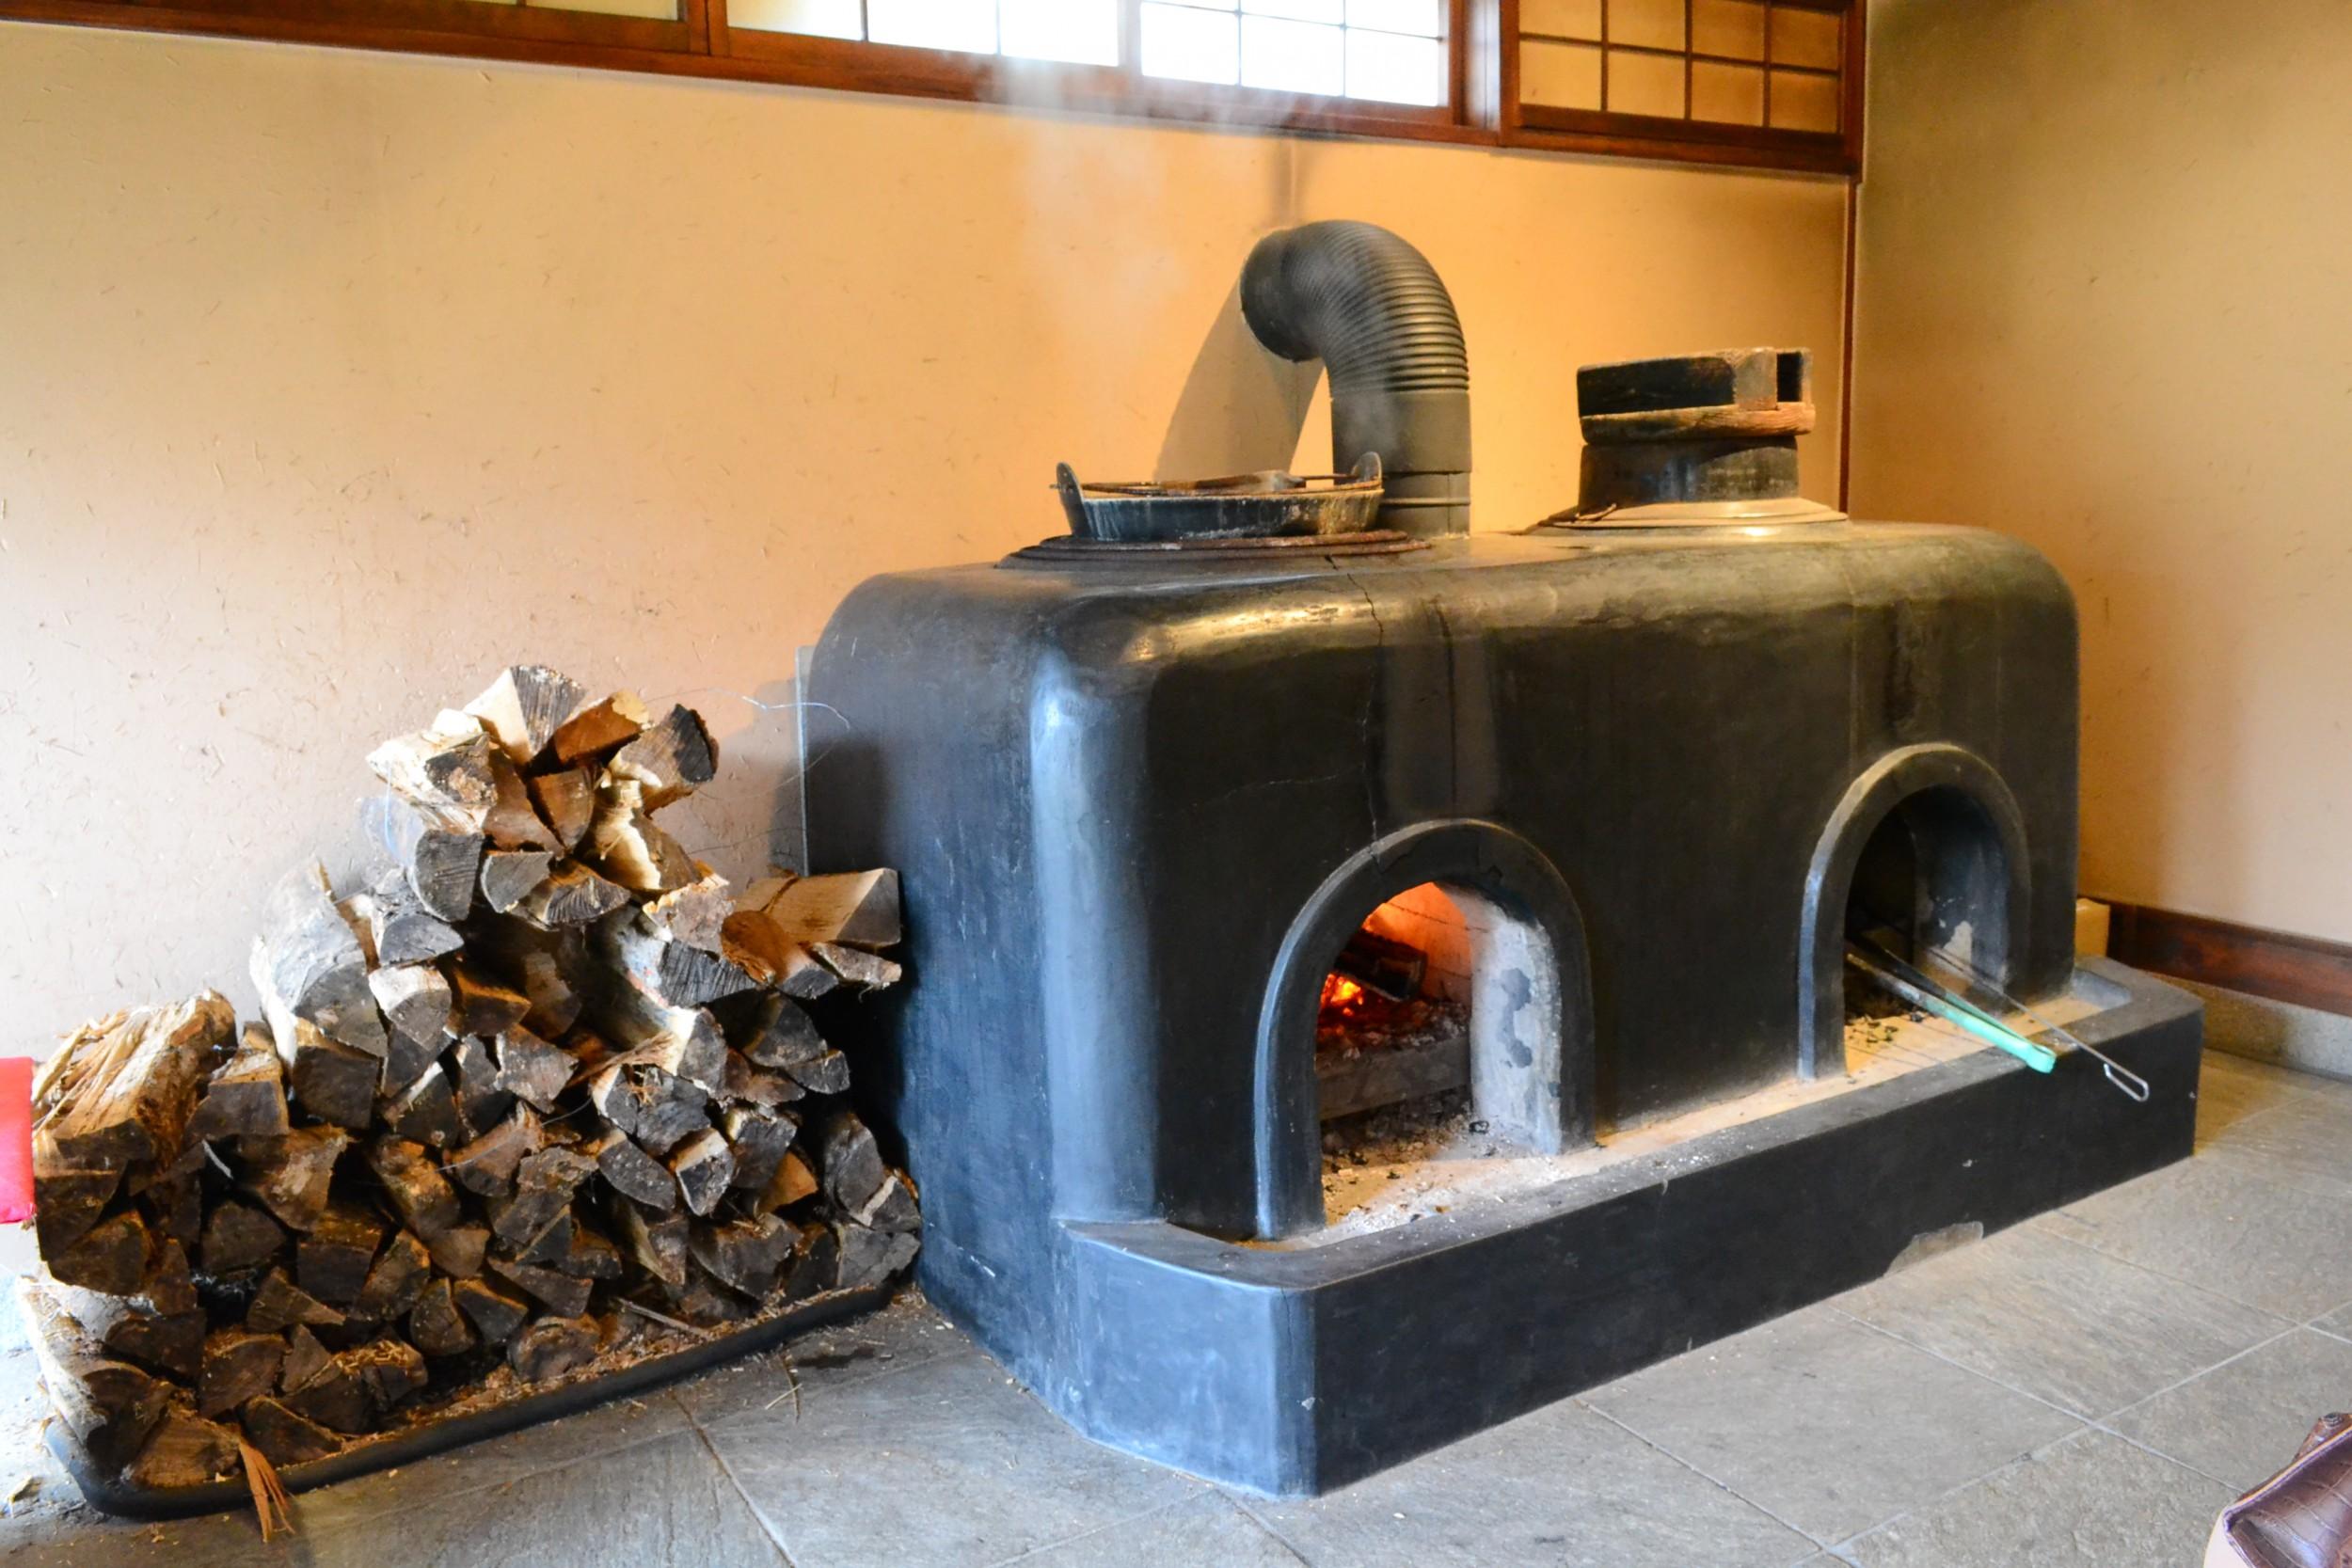 昔ながらの釜戸。懐かしさを感じる薪の香りが漂う。